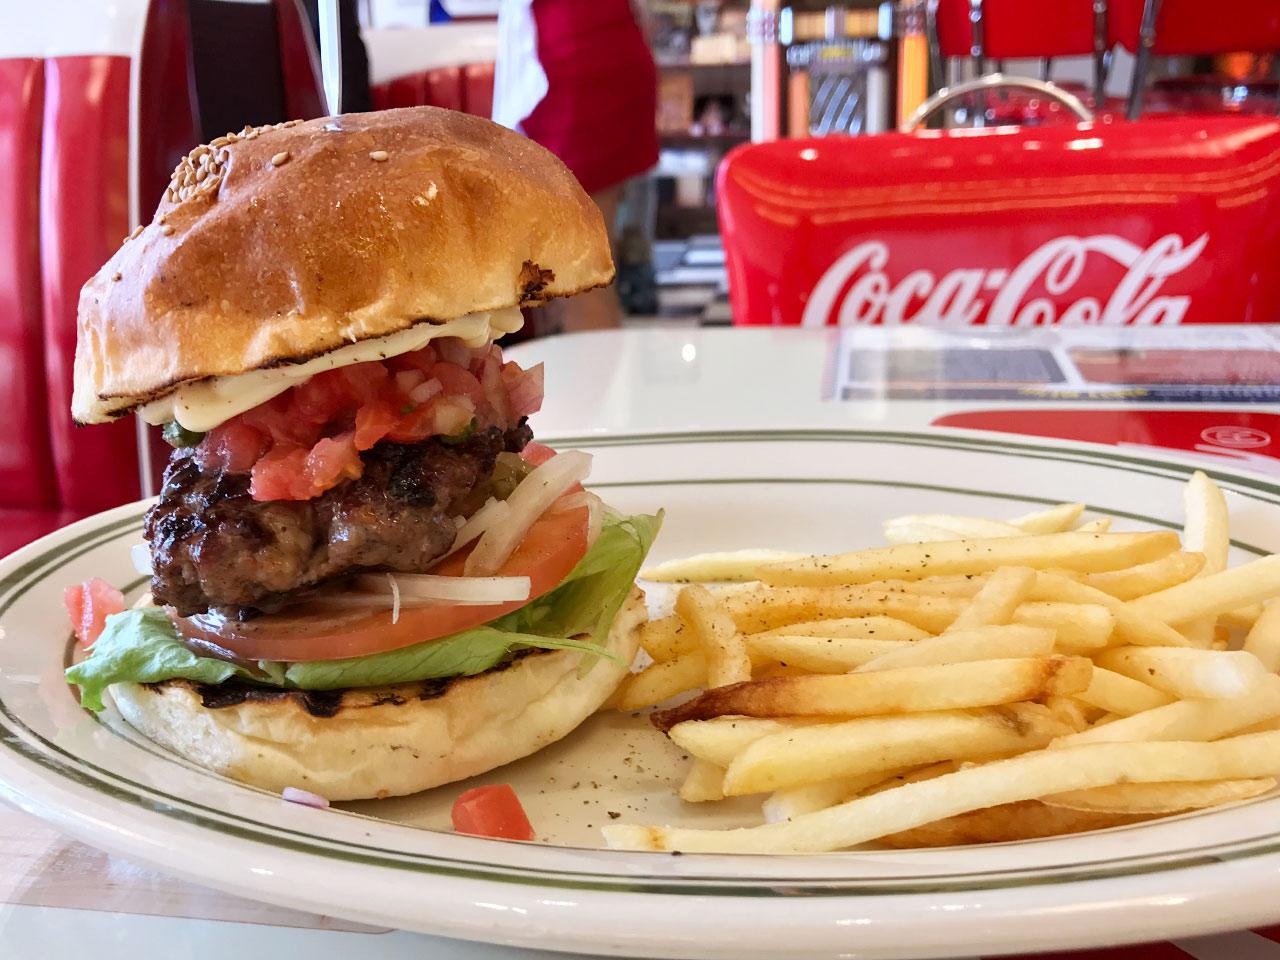 ハンバーガー屋「PENNY'S DINER」のハンバーガーセット